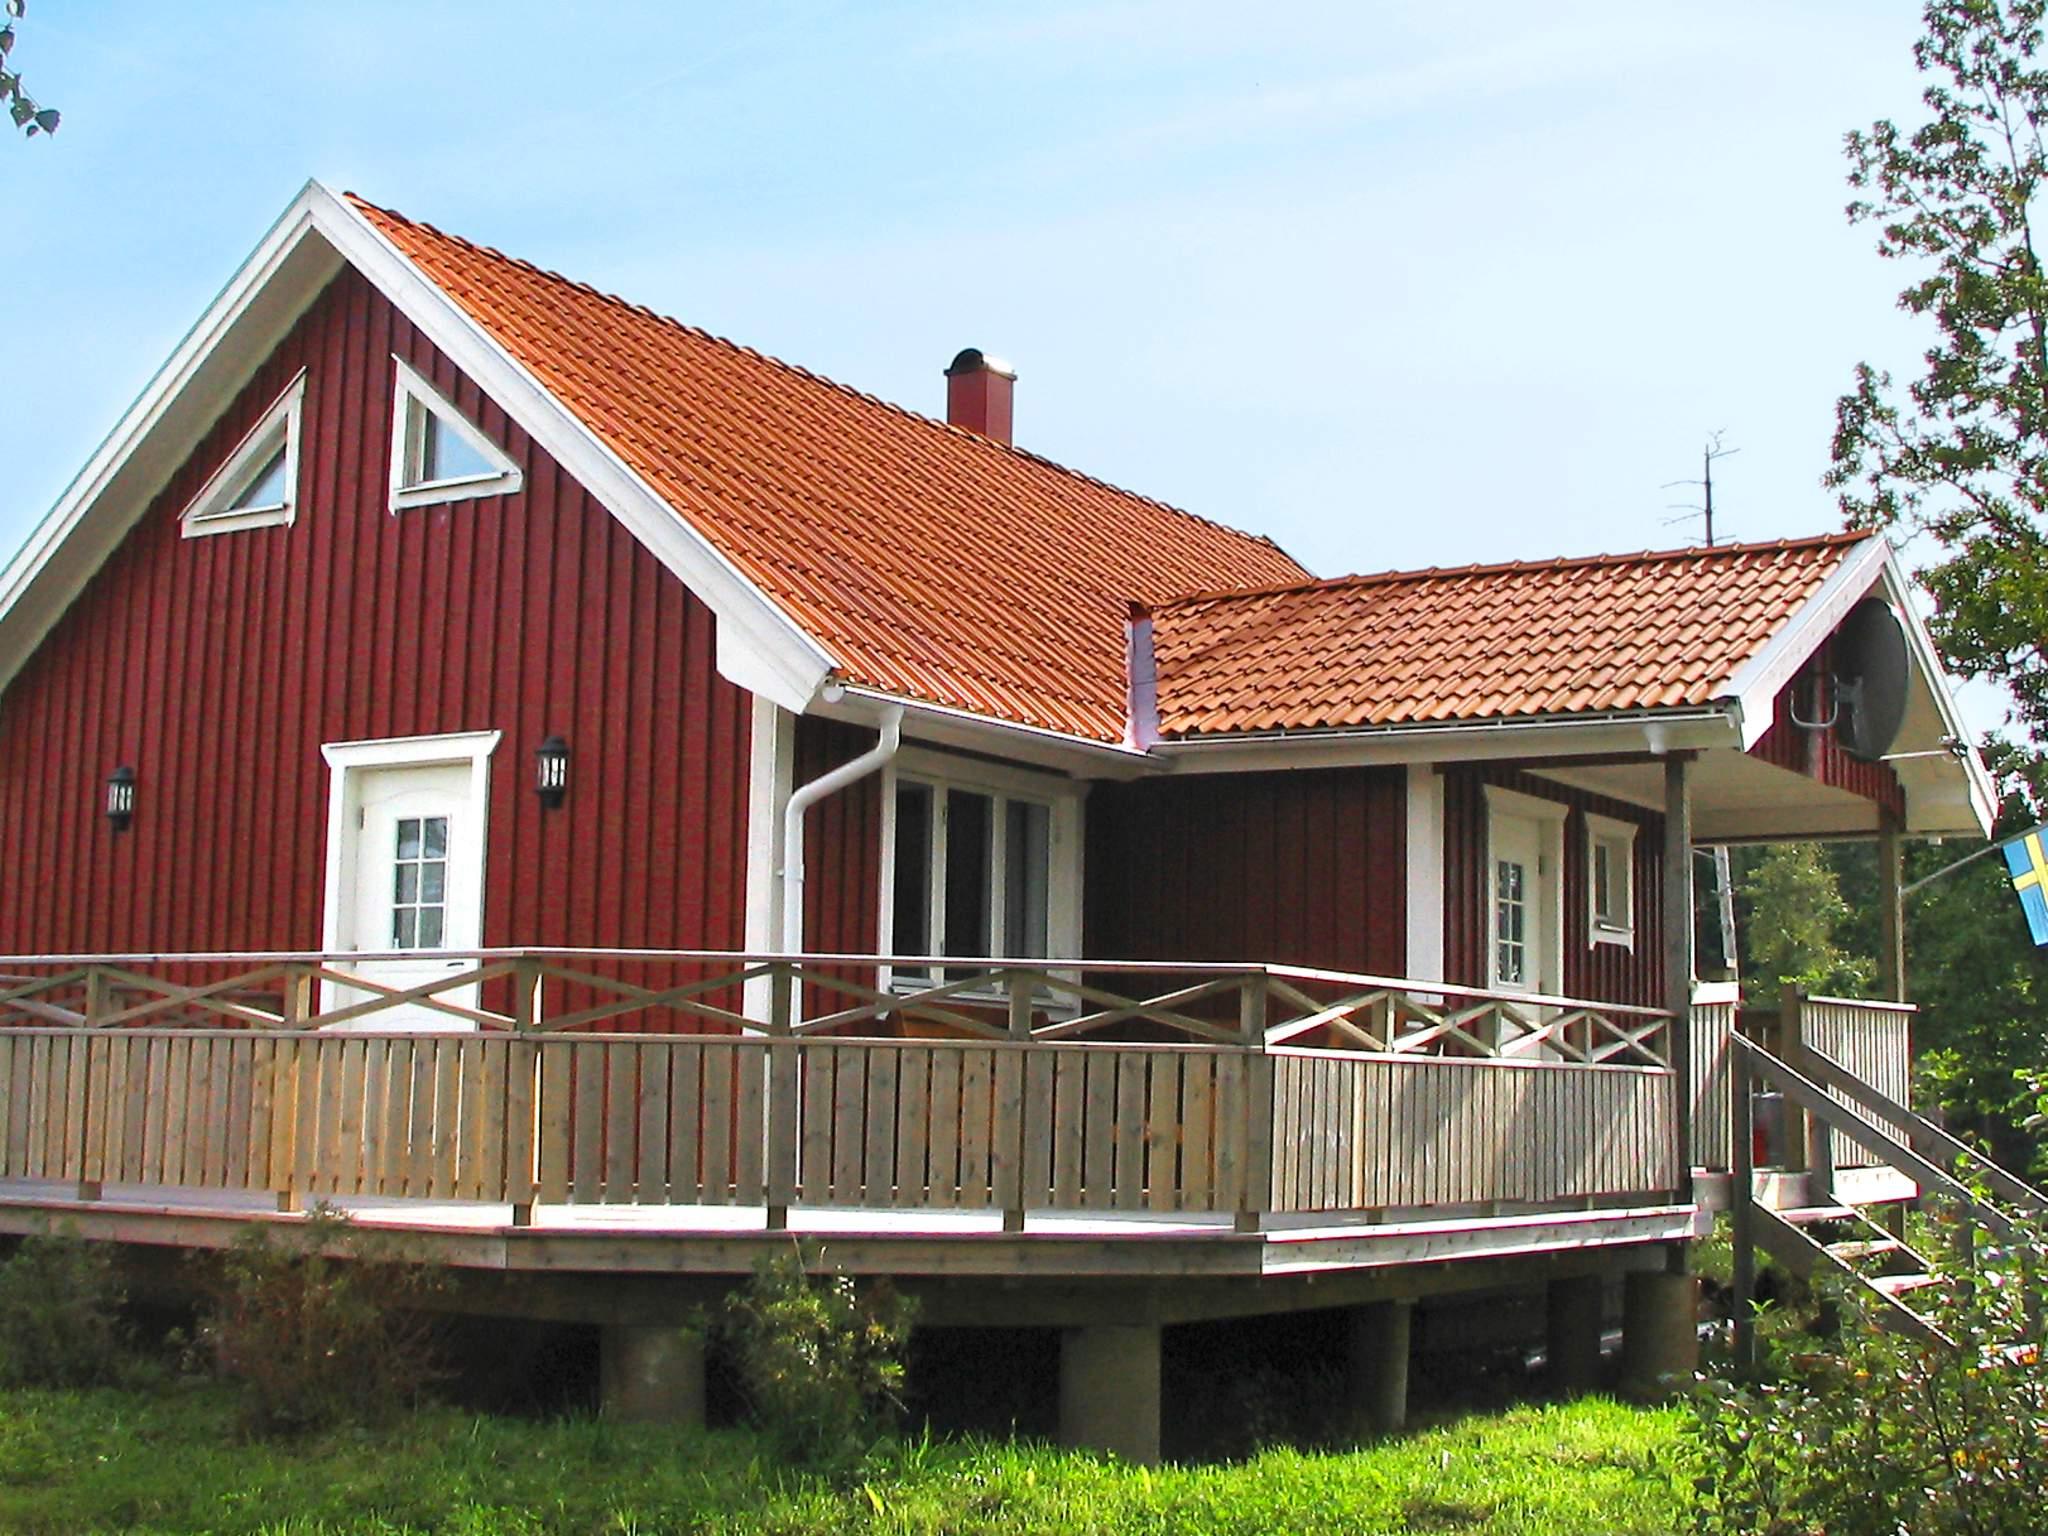 Ferienhaus Od (85921), Od, Västra Götaland län, Westschweden, Schweden, Bild 1